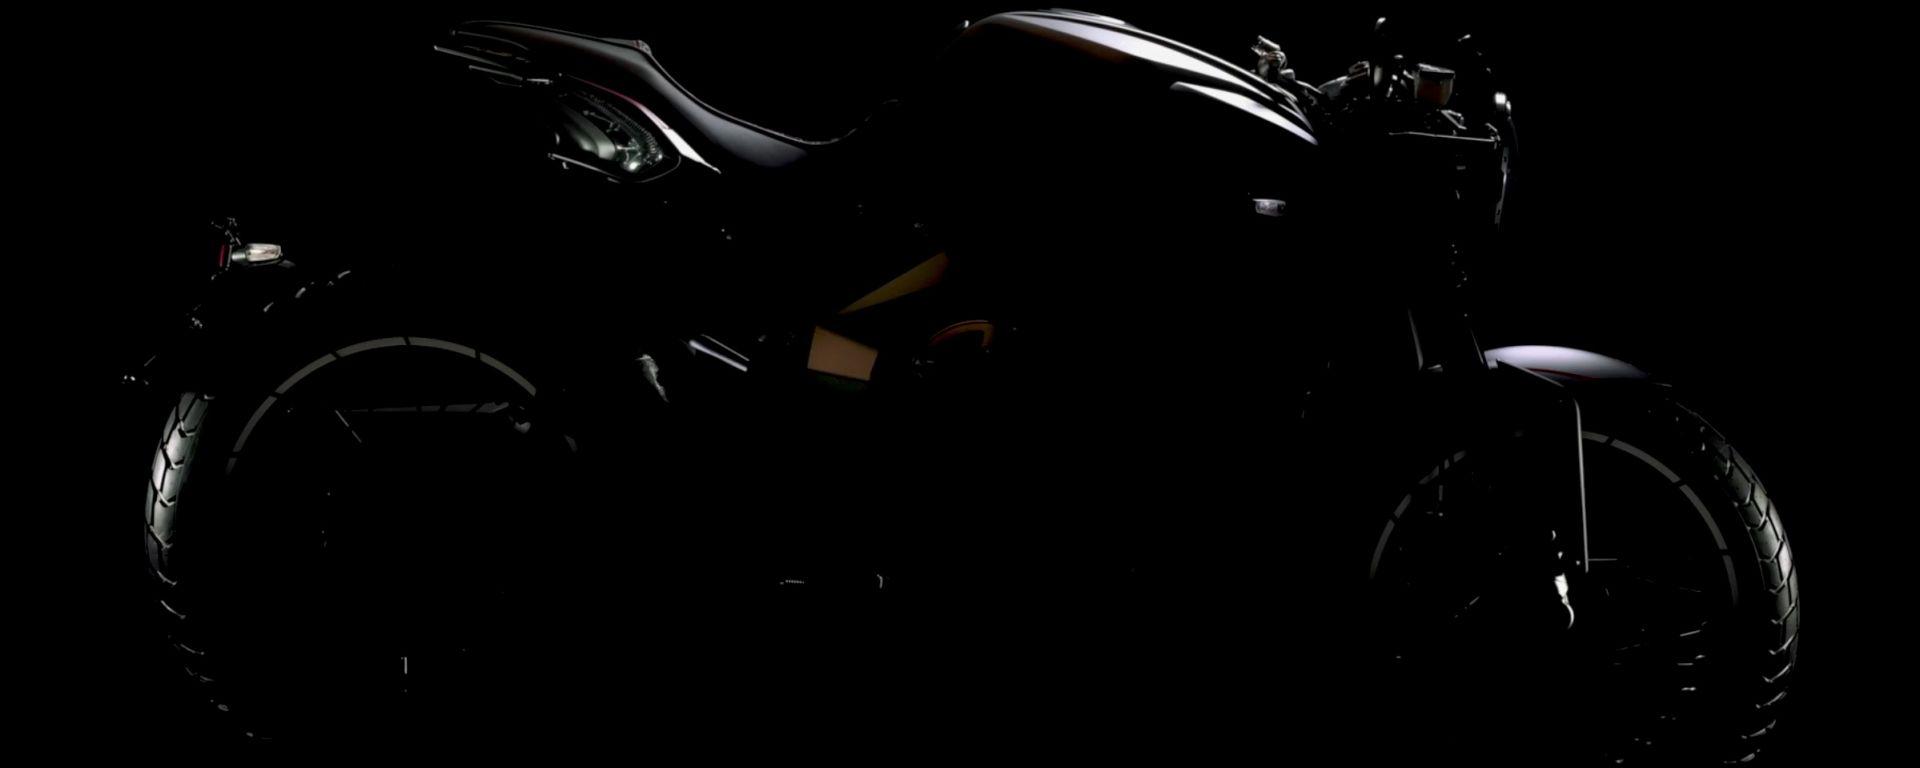 MV Agusta: nasce una nuova Scrambler?